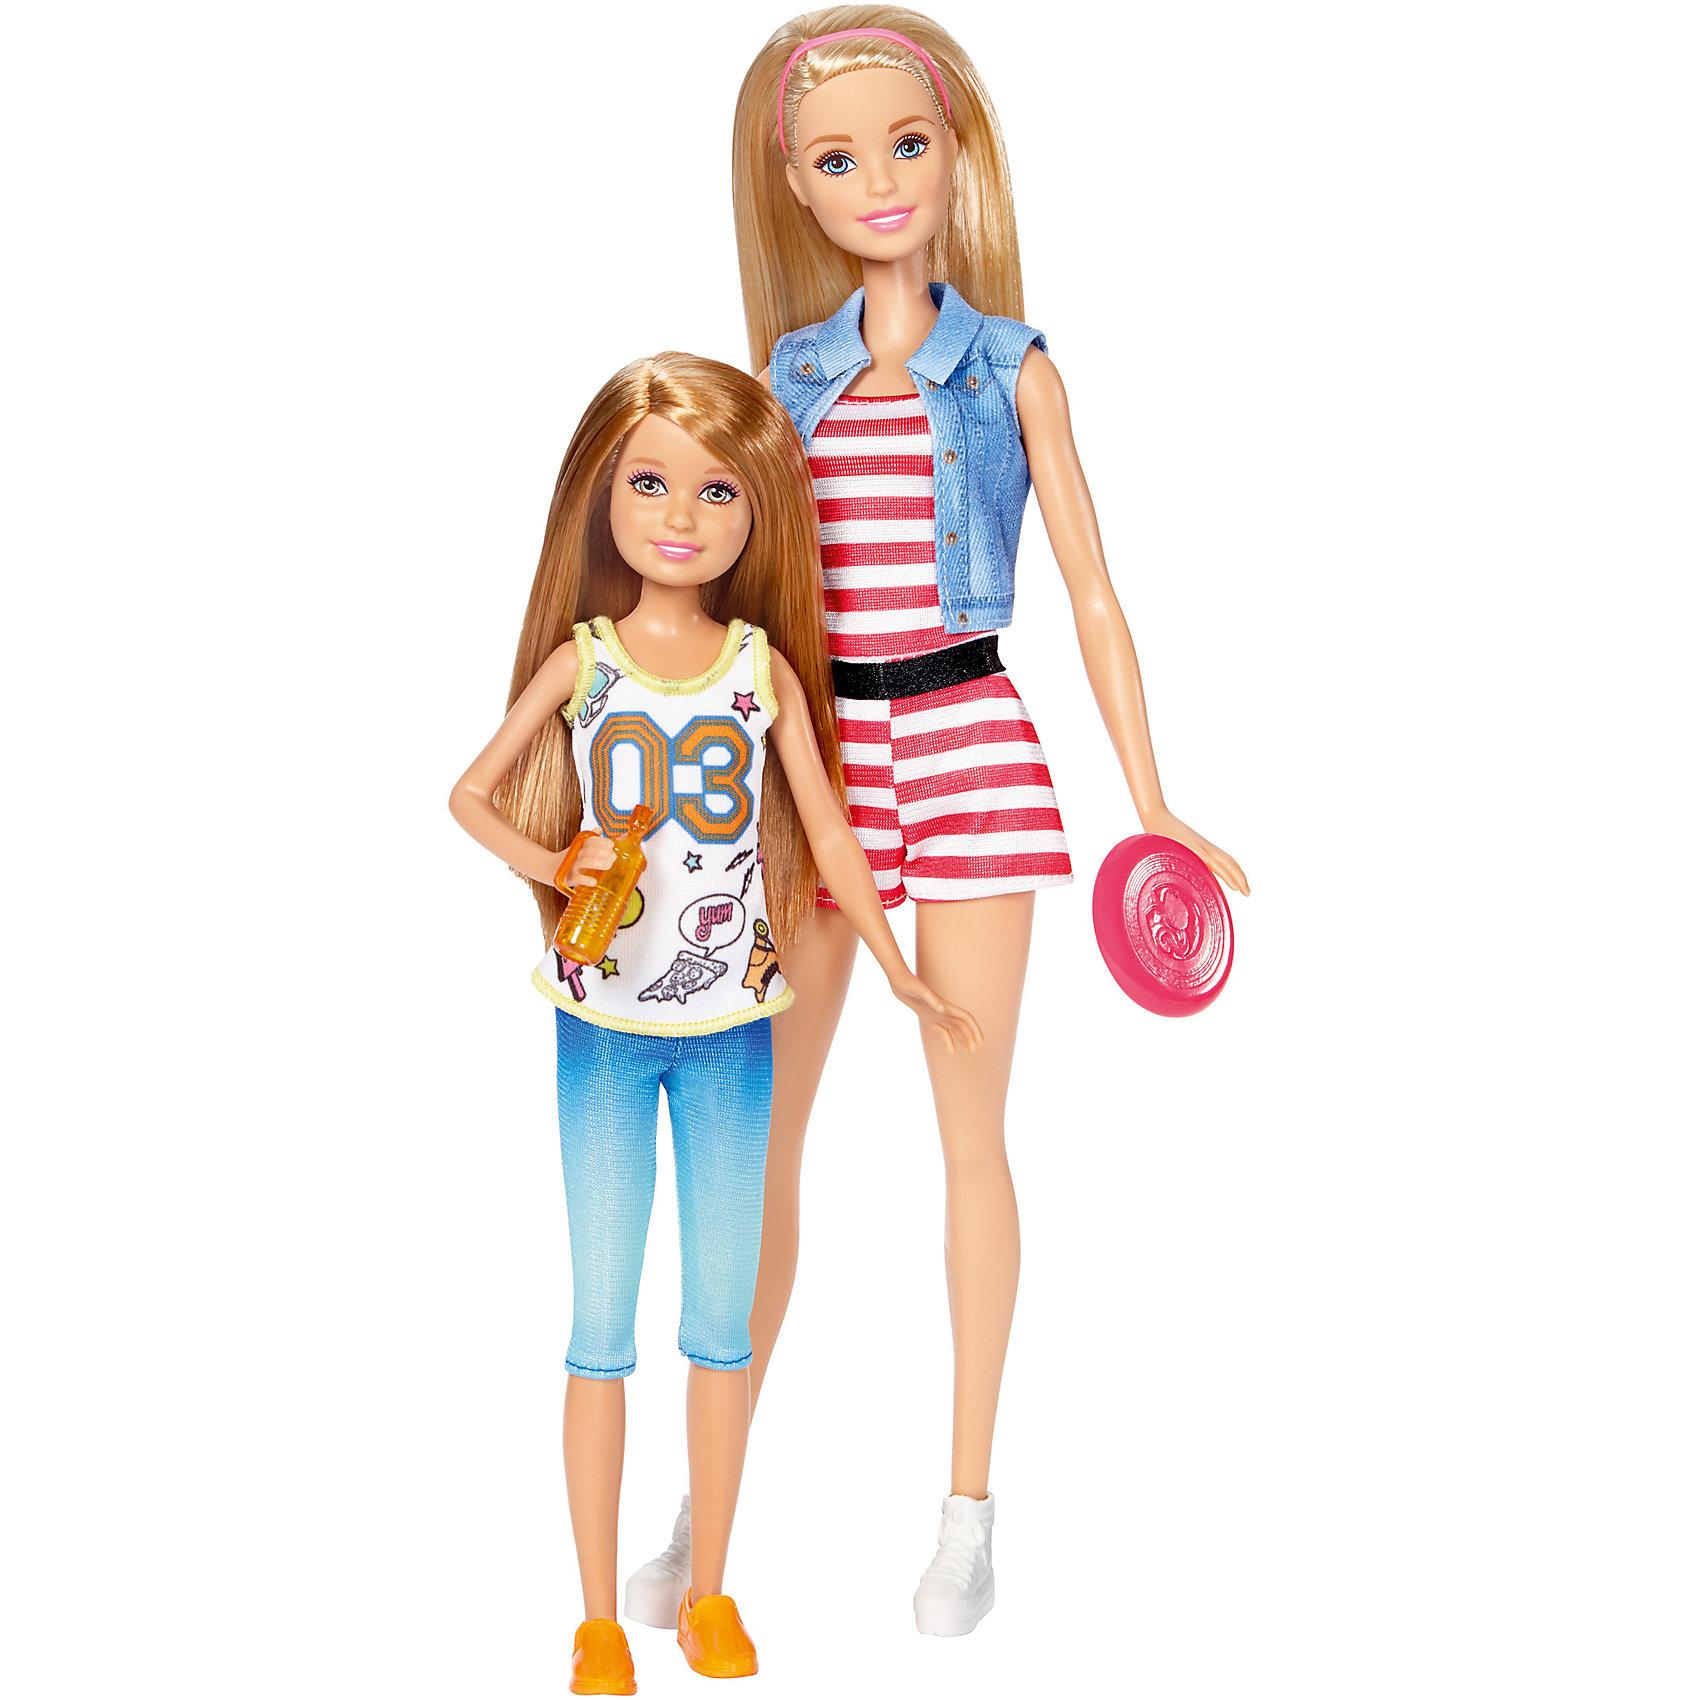 Набор кукол Скиппер и Стейси, BarbieКуклы-модели<br>Характеристики товара:<br><br>• возраст от 3 лет;<br>• материал: пластик, текстиль;<br>• в комплекте: 2 куклы, аксессуары;<br>• высота кукол 28 и 21 см;<br>• размер упаковки 32,5х20,5х6 см;<br>• вес упаковки 500 гр.;<br>• страна производитель: Китай.<br><br>Набор кукол Барби и Стейси Barbie — набор из 2 очаровательных сестренок, которые любят активно проводить время на свежем воздухе. У кукол длинные мягкие волосы, которые можно расчесывать, заплетать и украшать. Девочка может брать куколок с собой на прогулку, в гости к подружке и придумывать интересные сюжеты для игры.<br><br>Набор кукол Барби и Стейси Barbie можно приобрести в нашем интернет-магазине.<br><br>Ширина мм: 205<br>Глубина мм: 60<br>Высота мм: 325<br>Вес г: 500<br>Возраст от месяцев: 36<br>Возраст до месяцев: 120<br>Пол: Женский<br>Возраст: Детский<br>SKU: 6673385